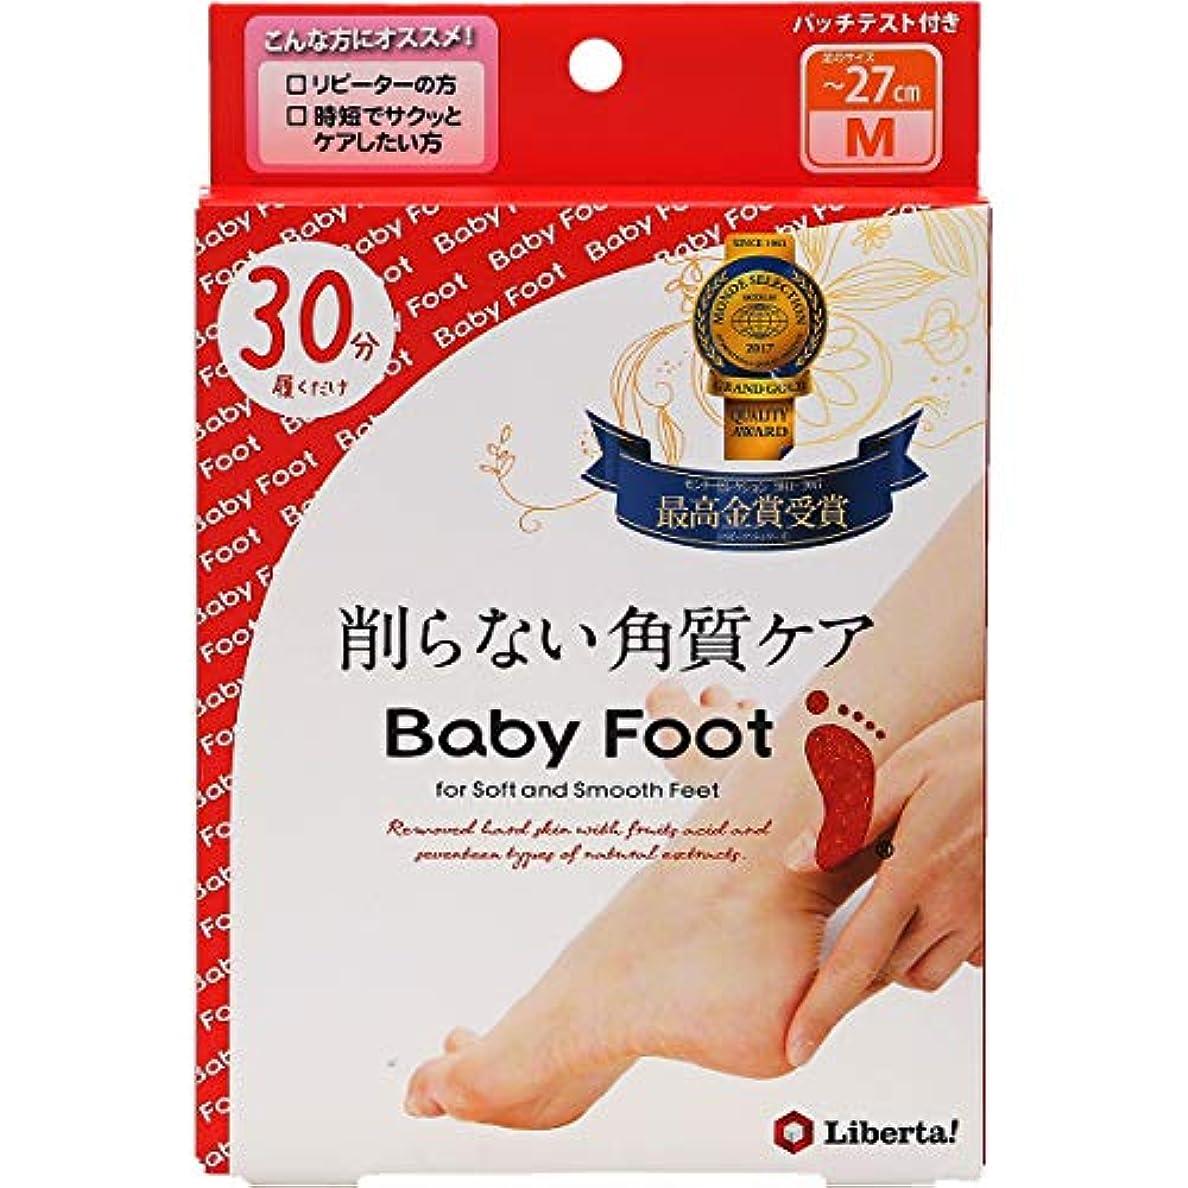 正義ゴールデン郡ベビーフット (Baby Foot) ベビーフット イージーパック30分タイプ Mサイズ 単品